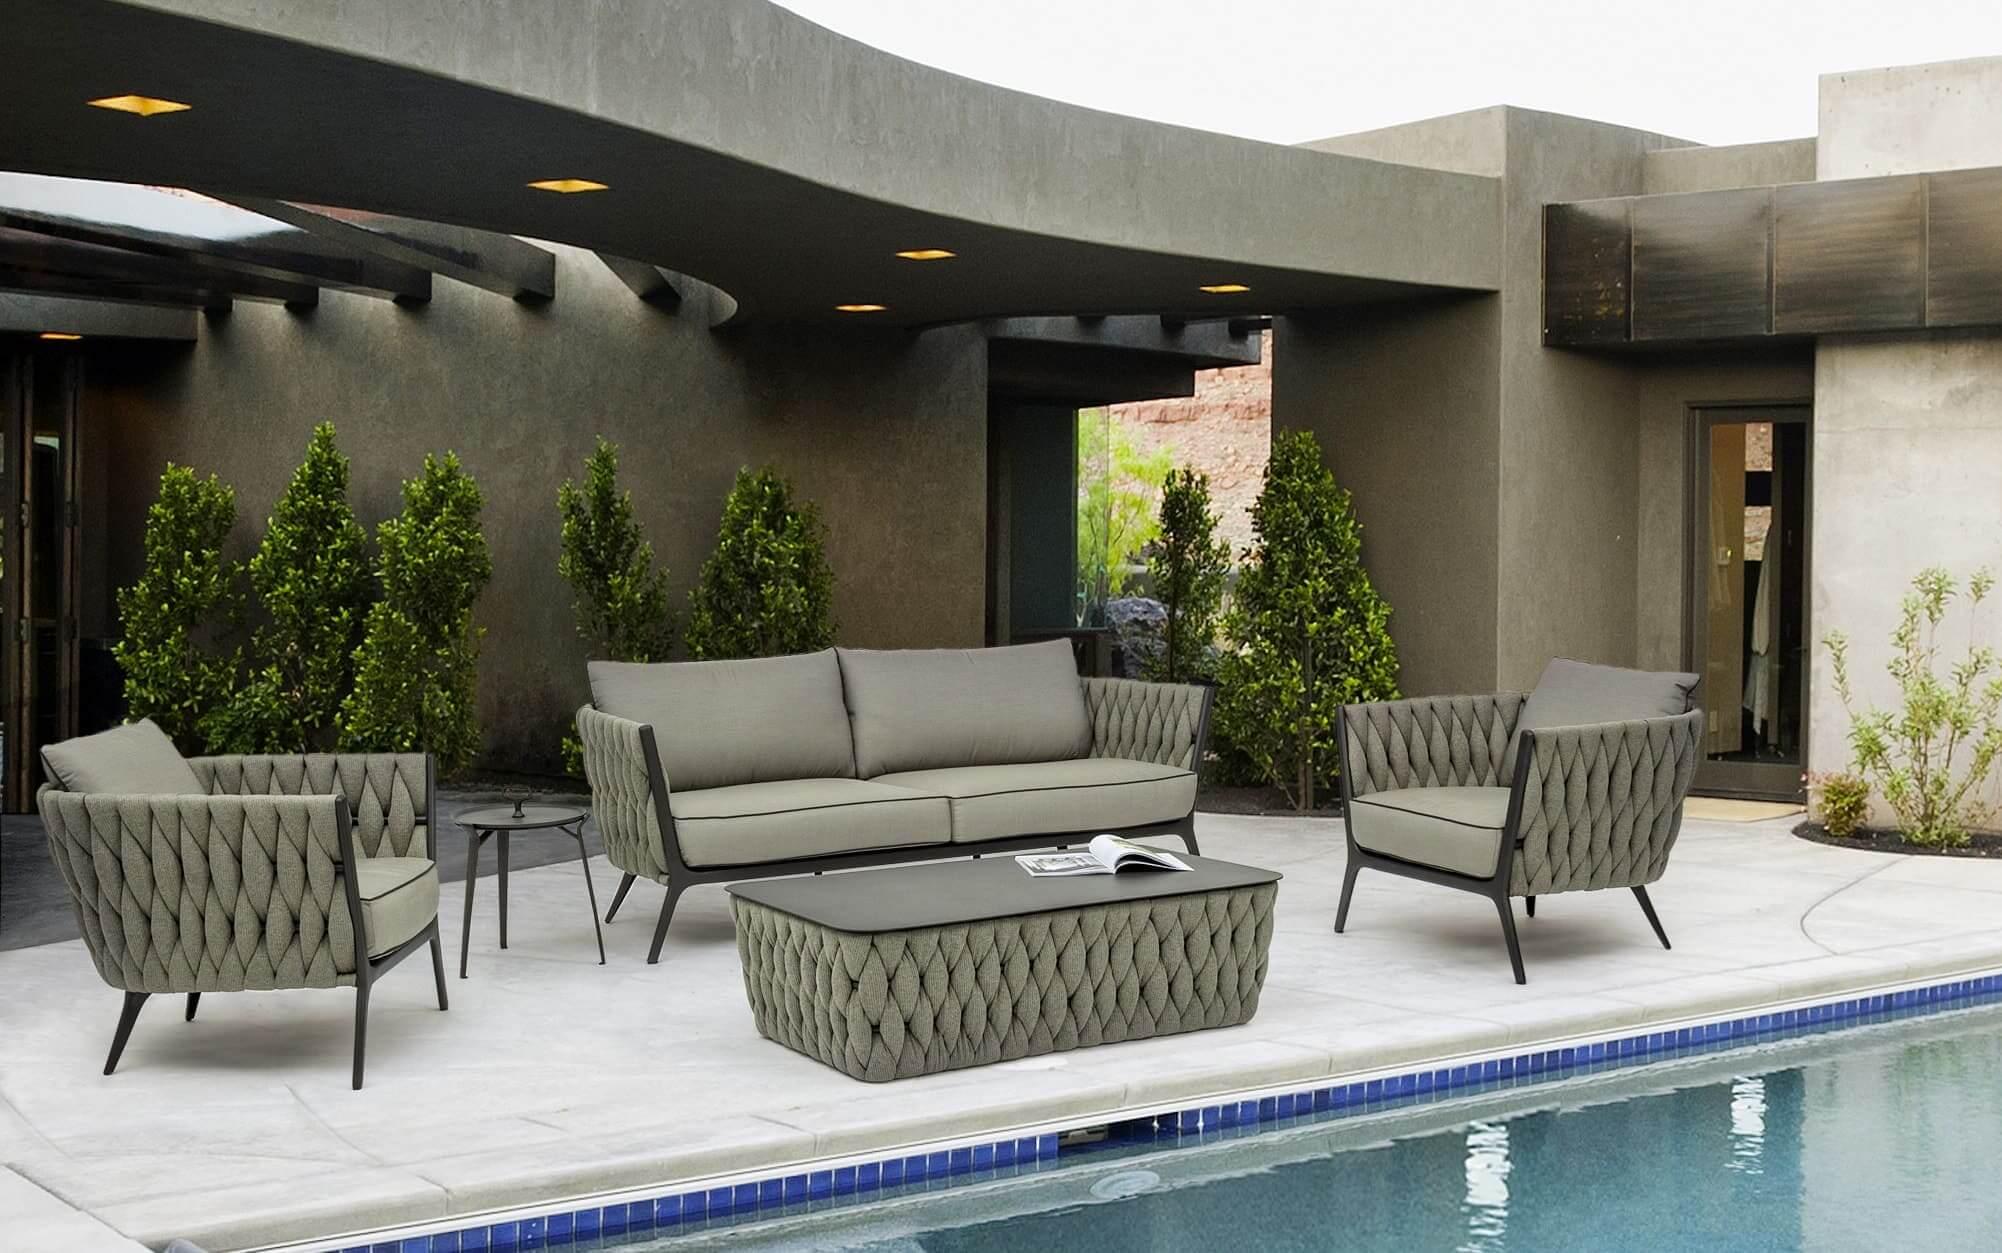 jardin-y-terraza-General-muebles-paco-caballero-060-5cb1b85ad4bdf